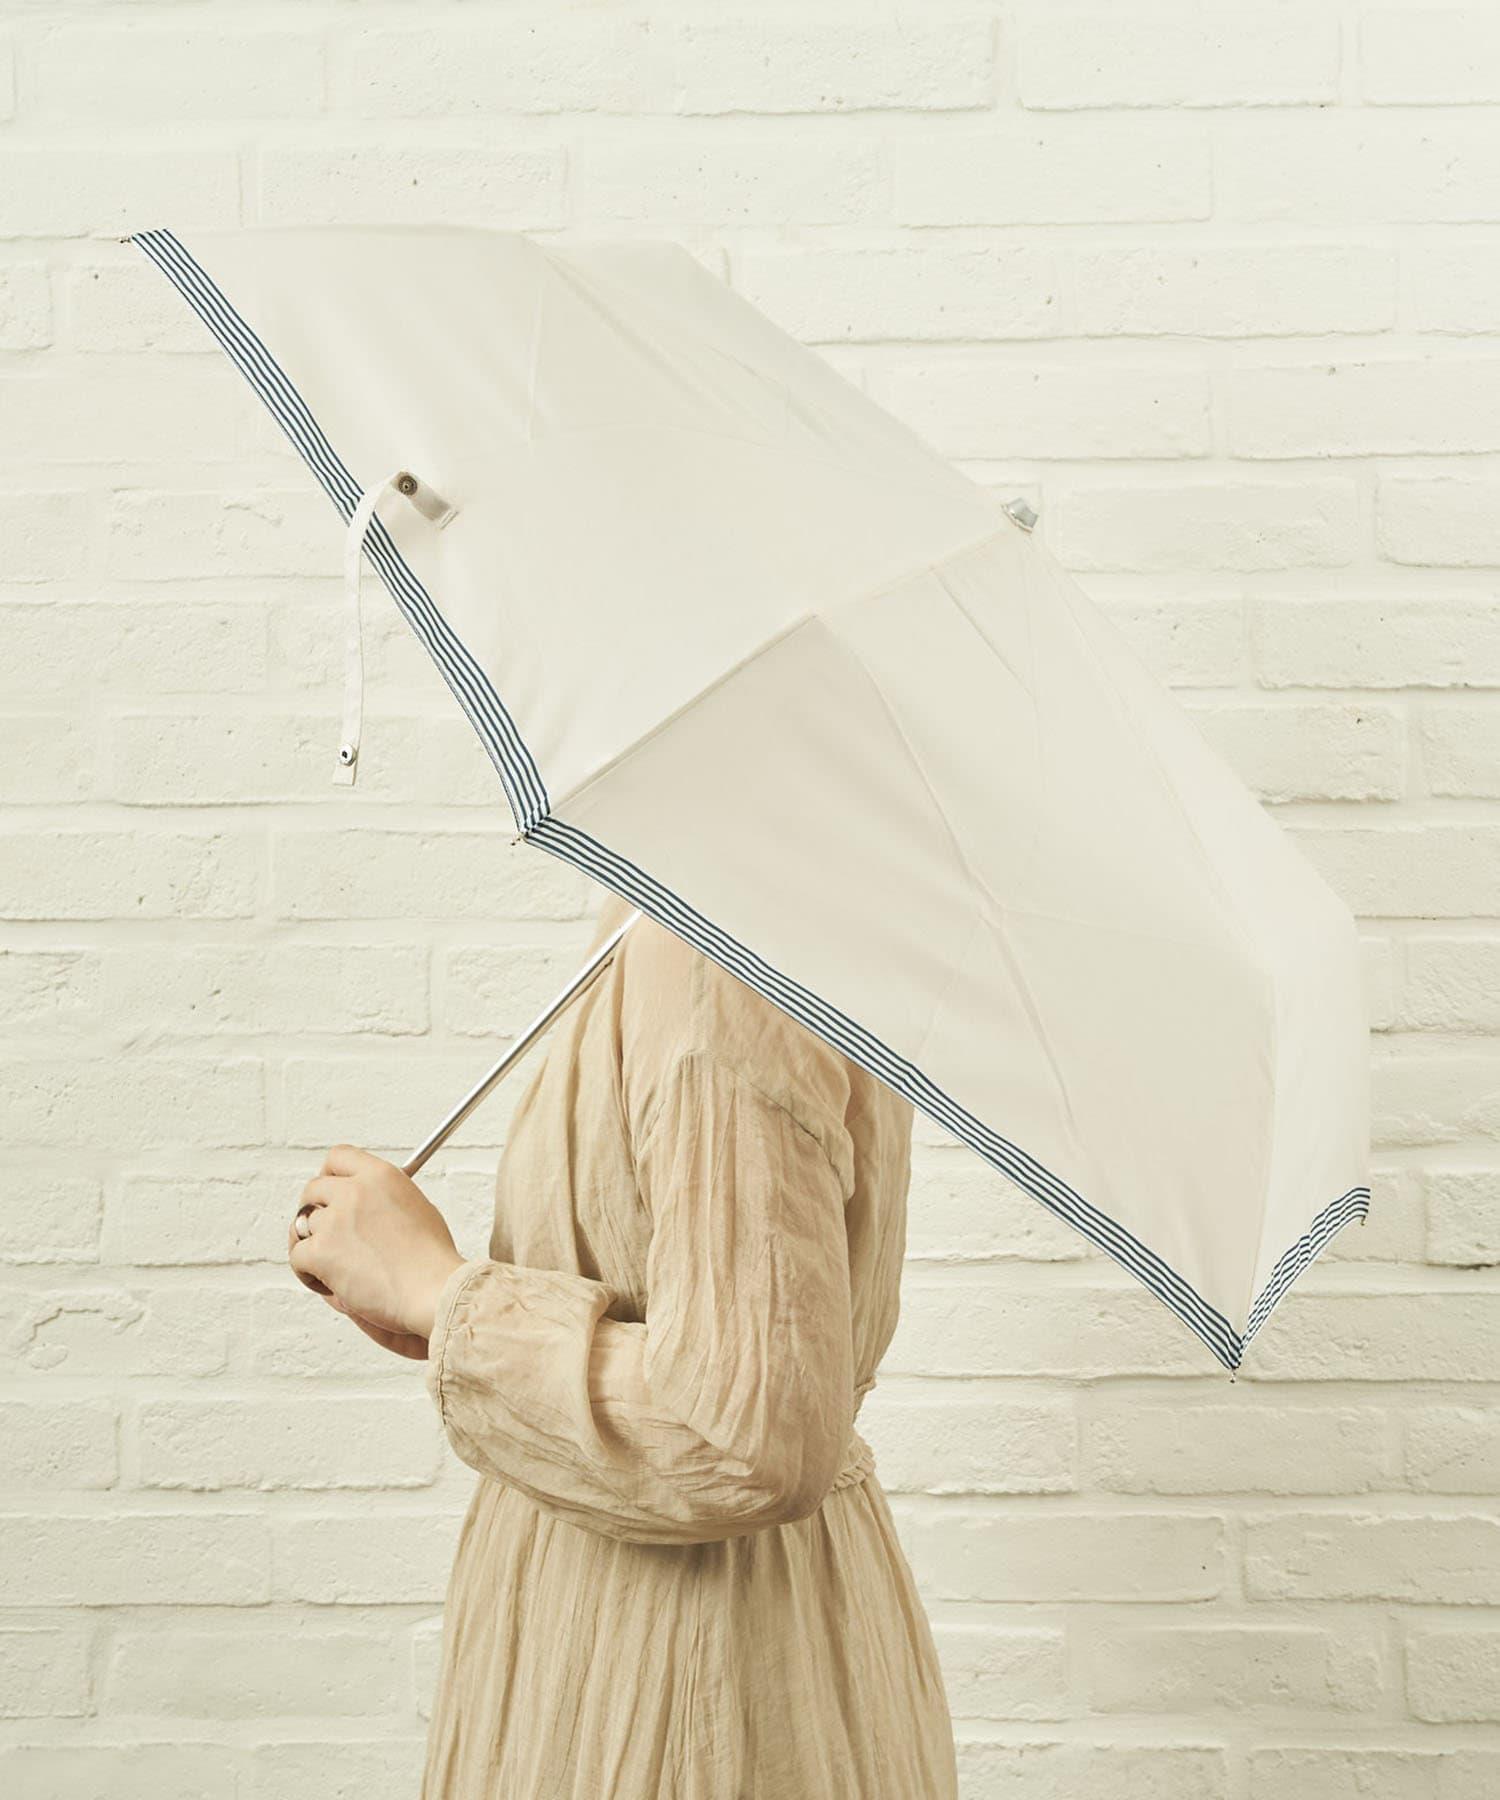 salut!(サリュ) ライフスタイル 雨傘折裾ボーダー(アイボリー) その他